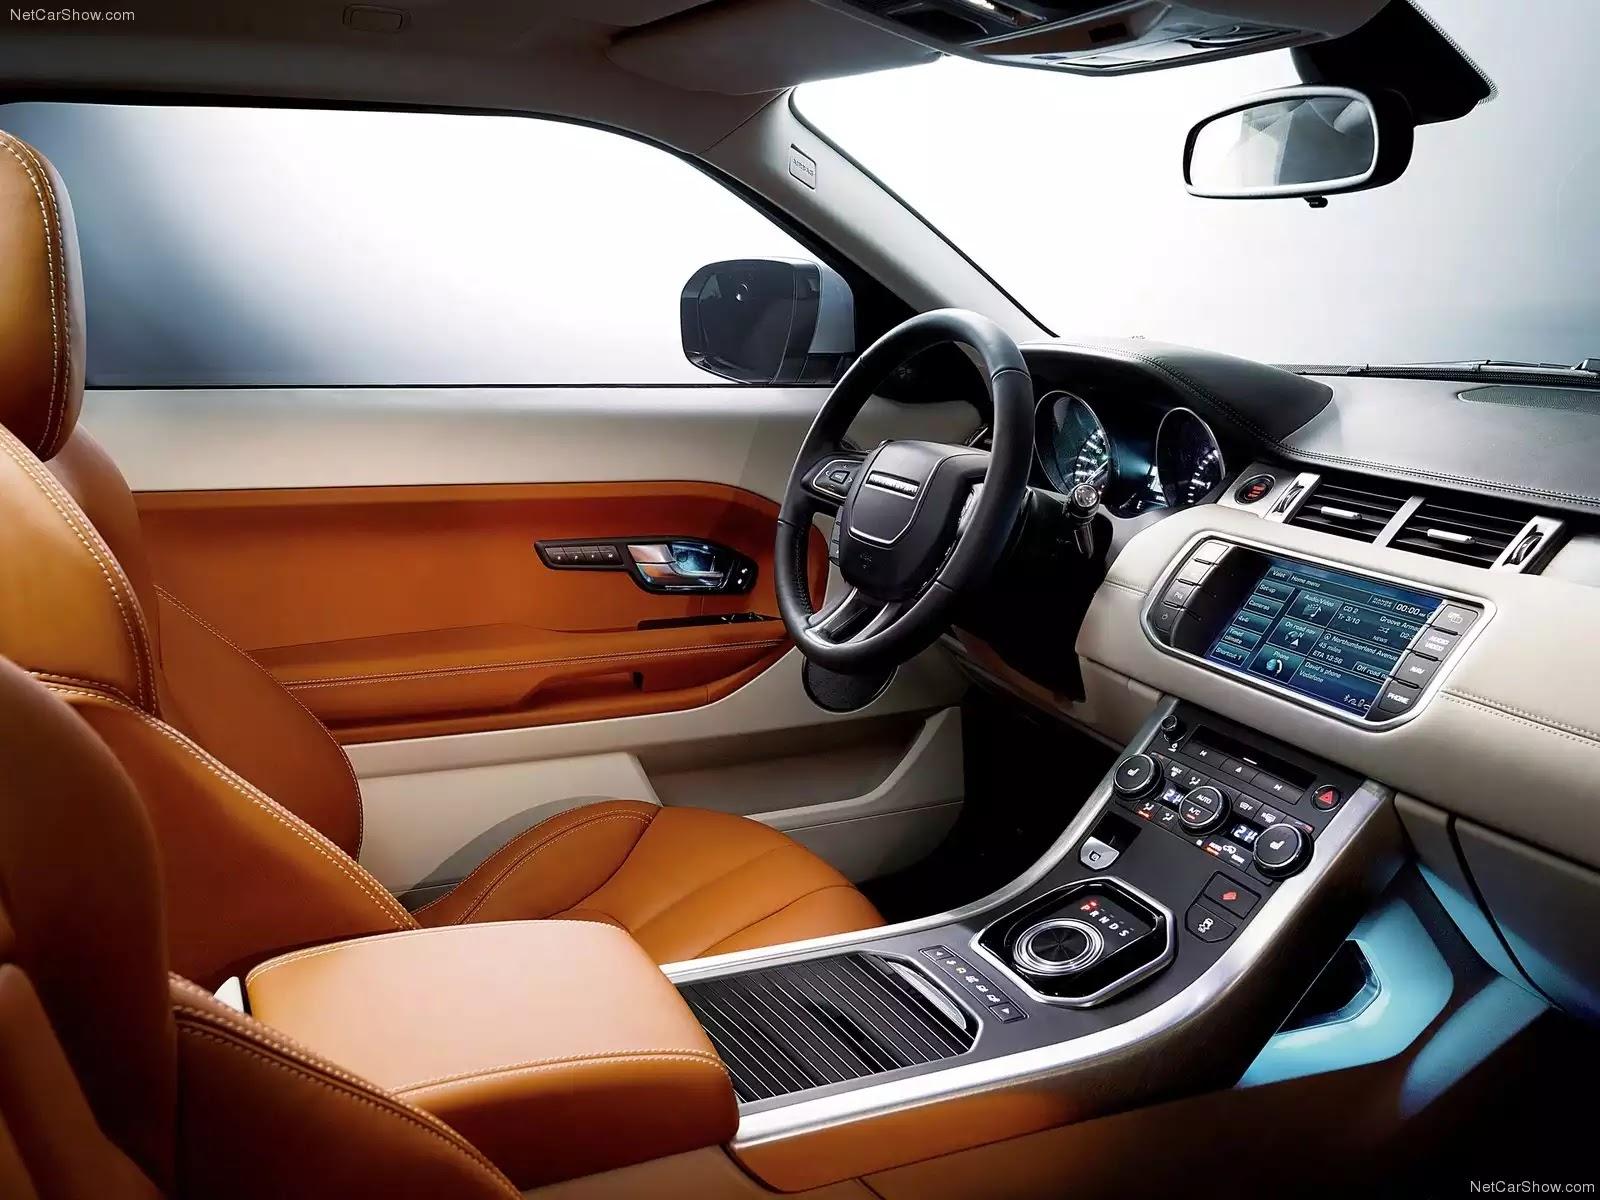 Hình ảnh xe ô tô Land Rover Range Rover Evoque 2011 & nội ngoại thất